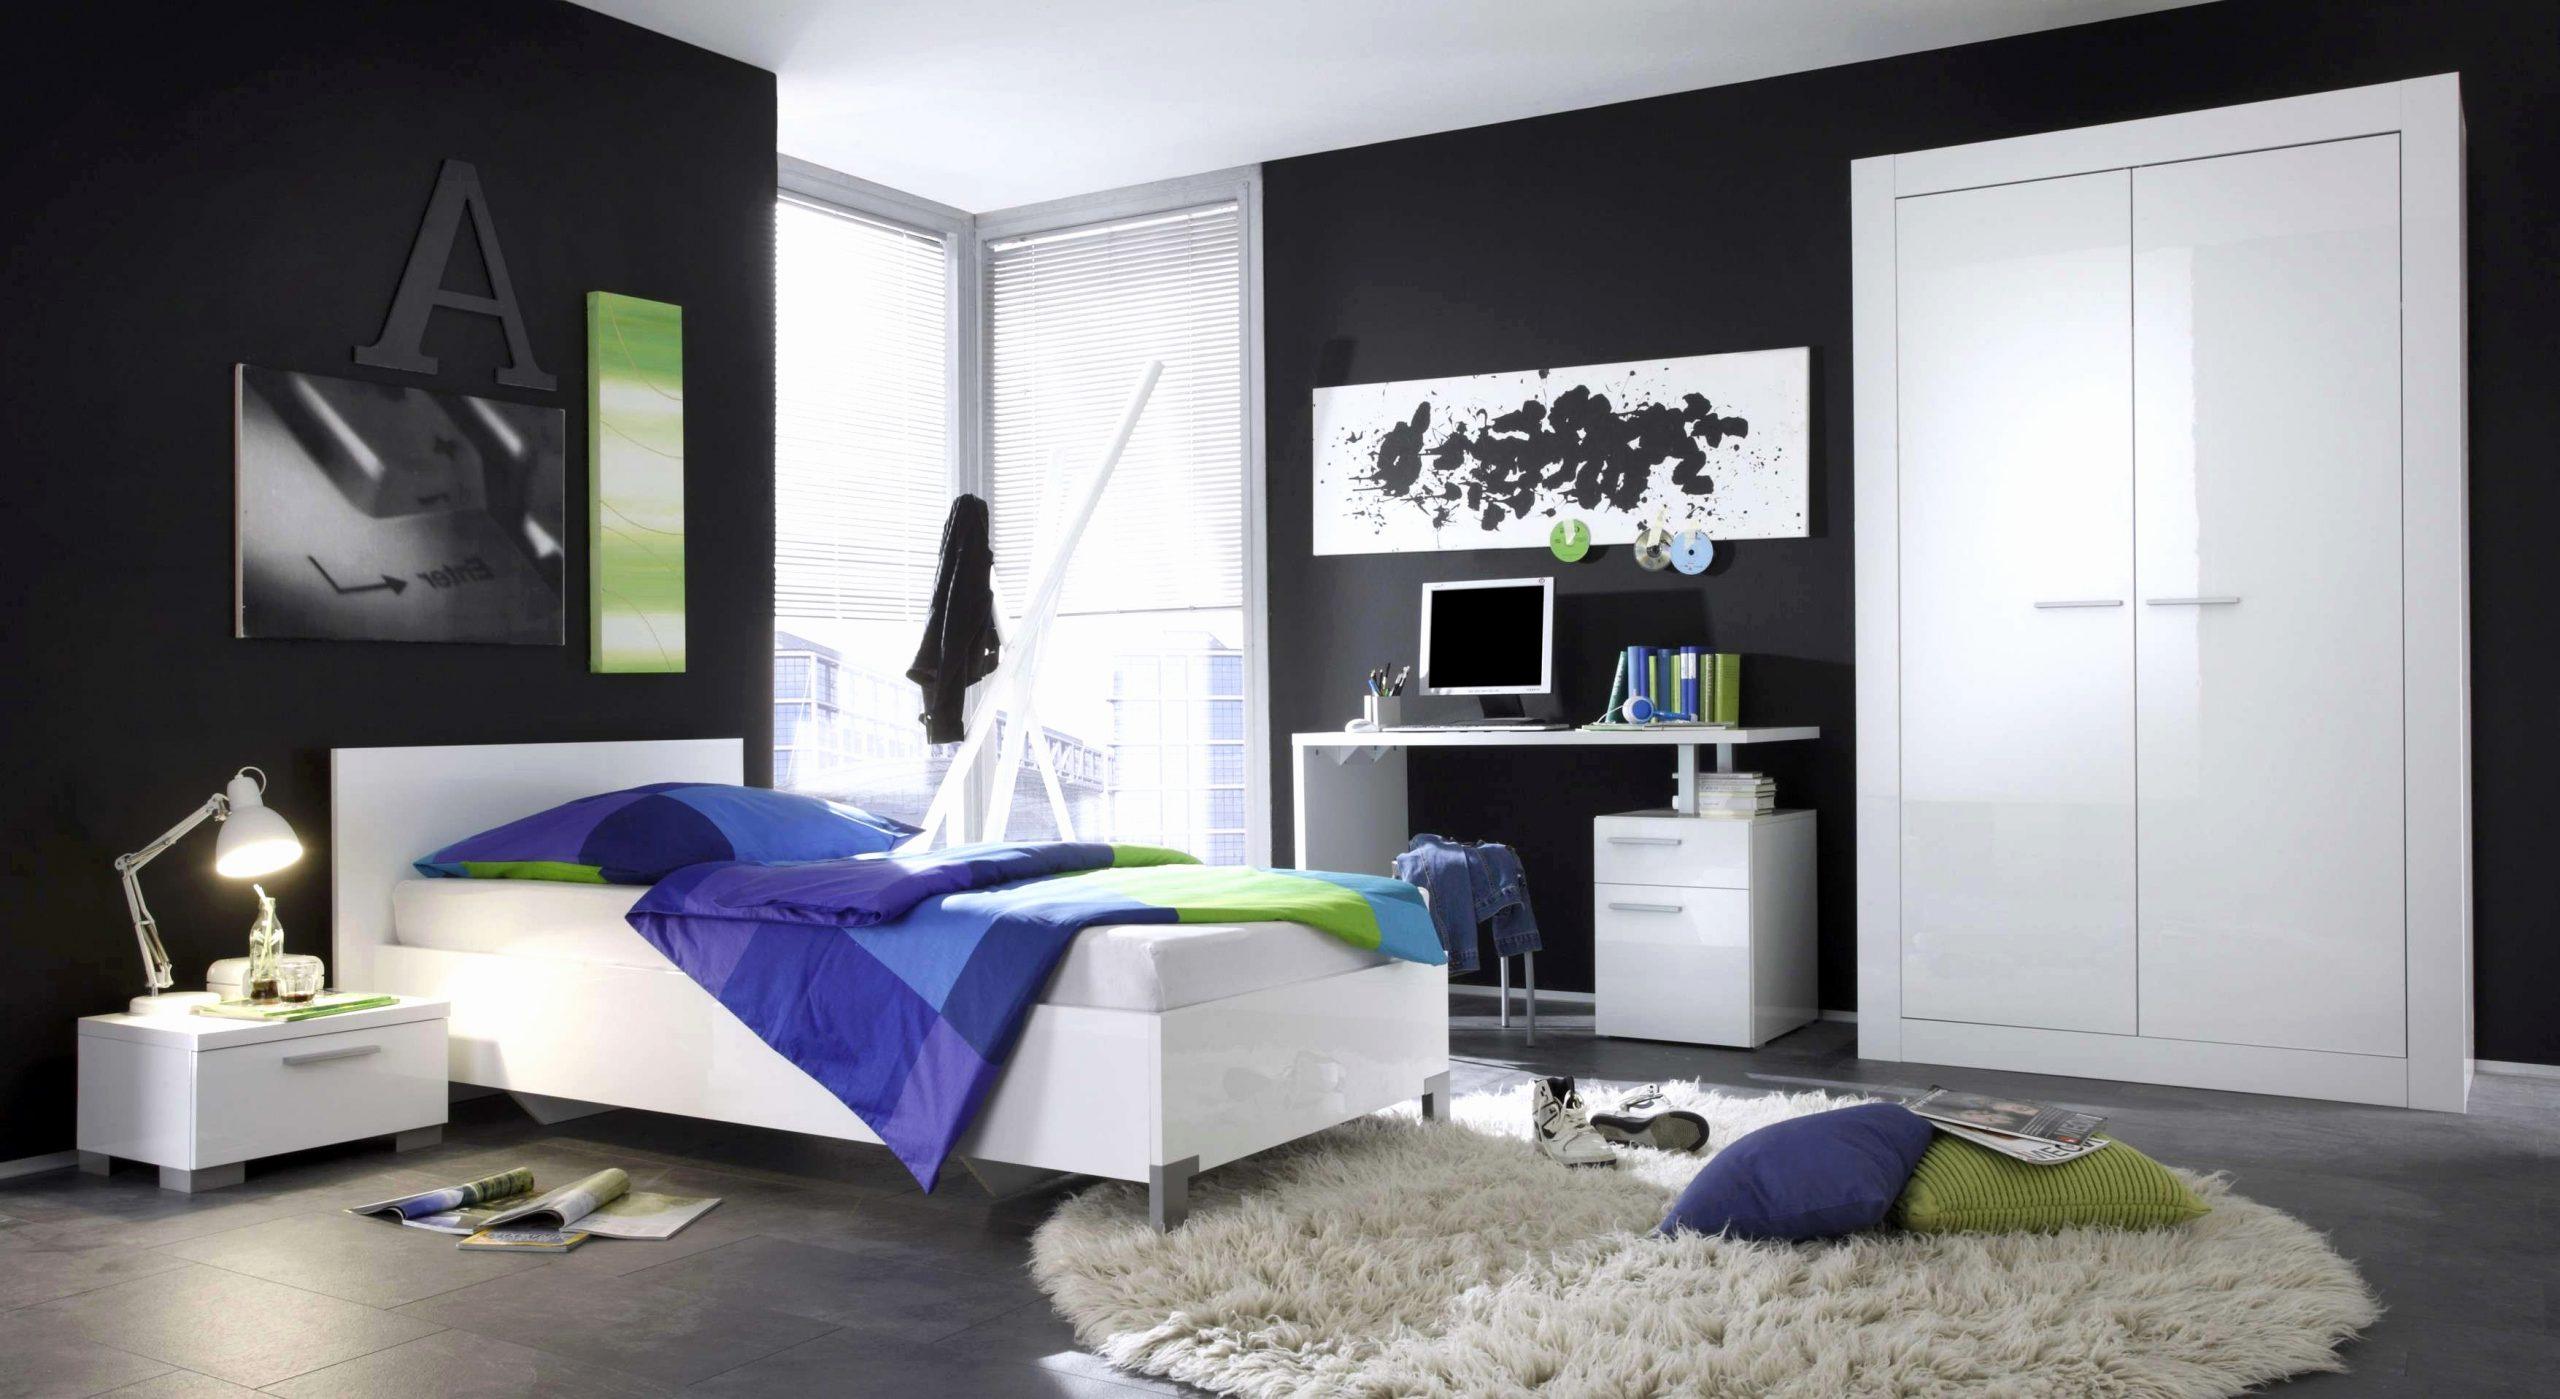 Full Size of Schrankbett Ikea Kleiderschrank Kinderzimmer Junge Elegant Ideen Küche Kosten Sofa Mit Schlaffunktion Miniküche Modulküche Kaufen Betten Bei 160x200 Wohnzimmer Schrankbett Ikea